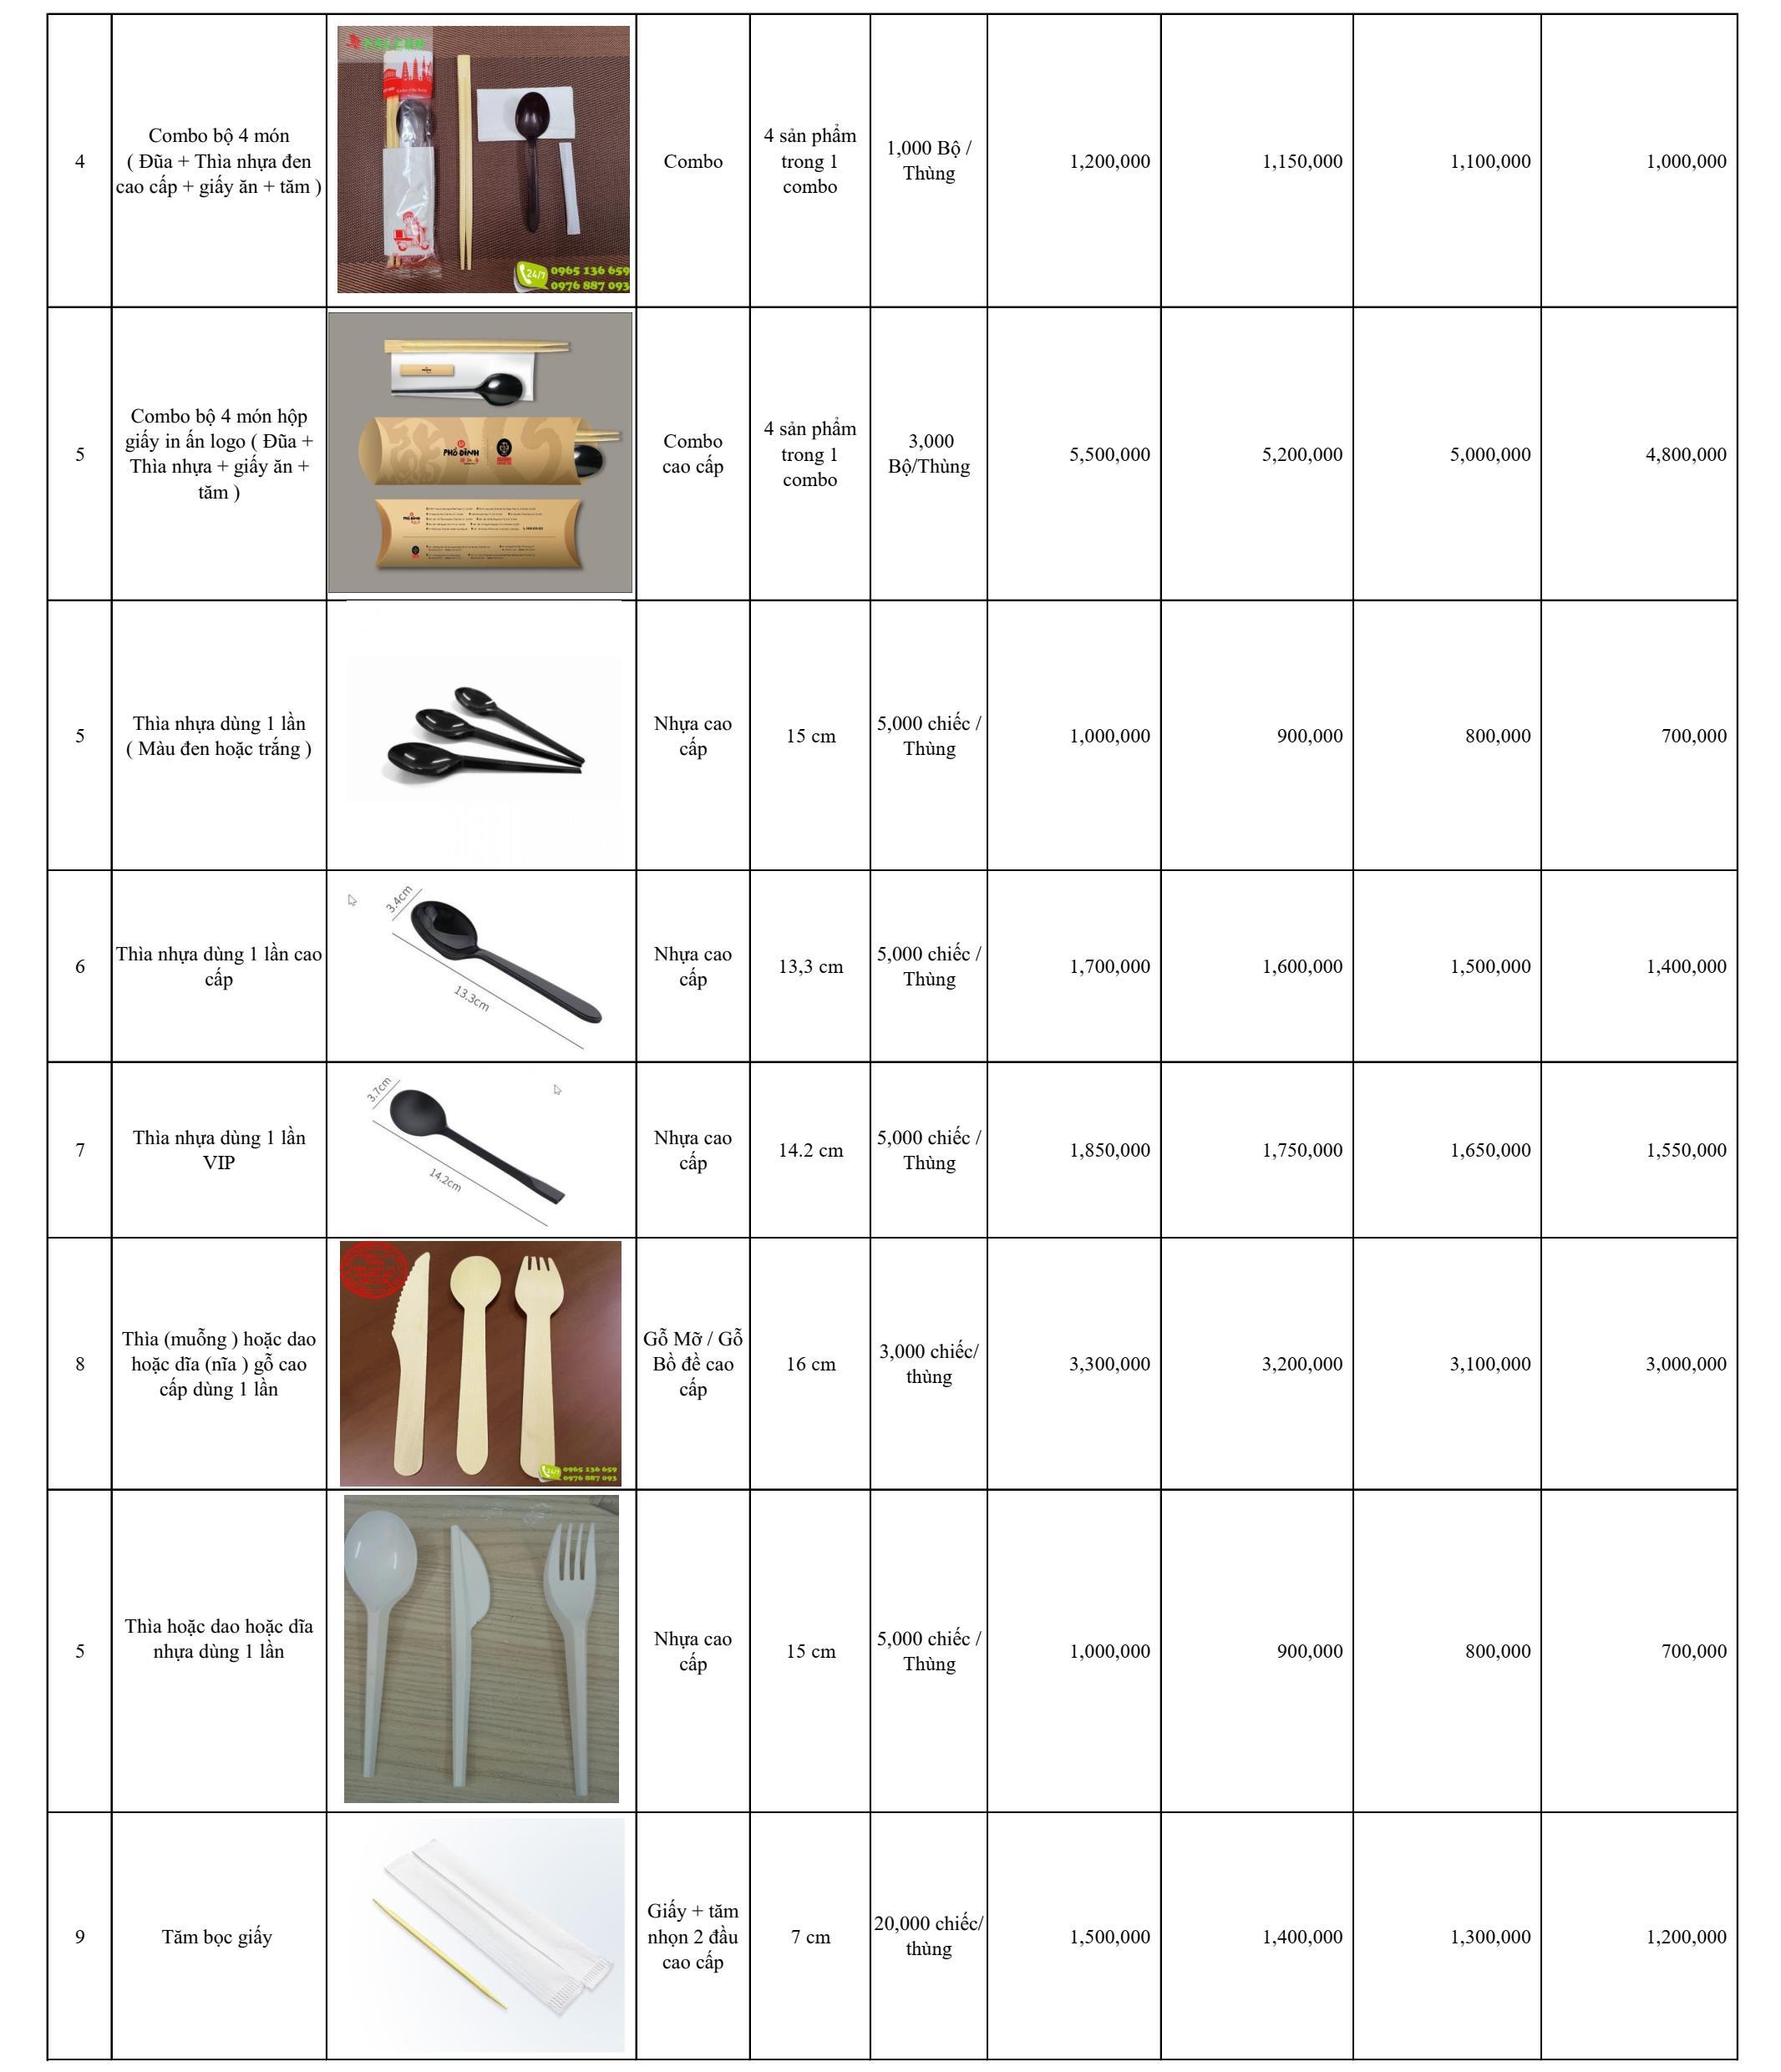 Bảng giá sản phẩm đồ dùng nhà hàng